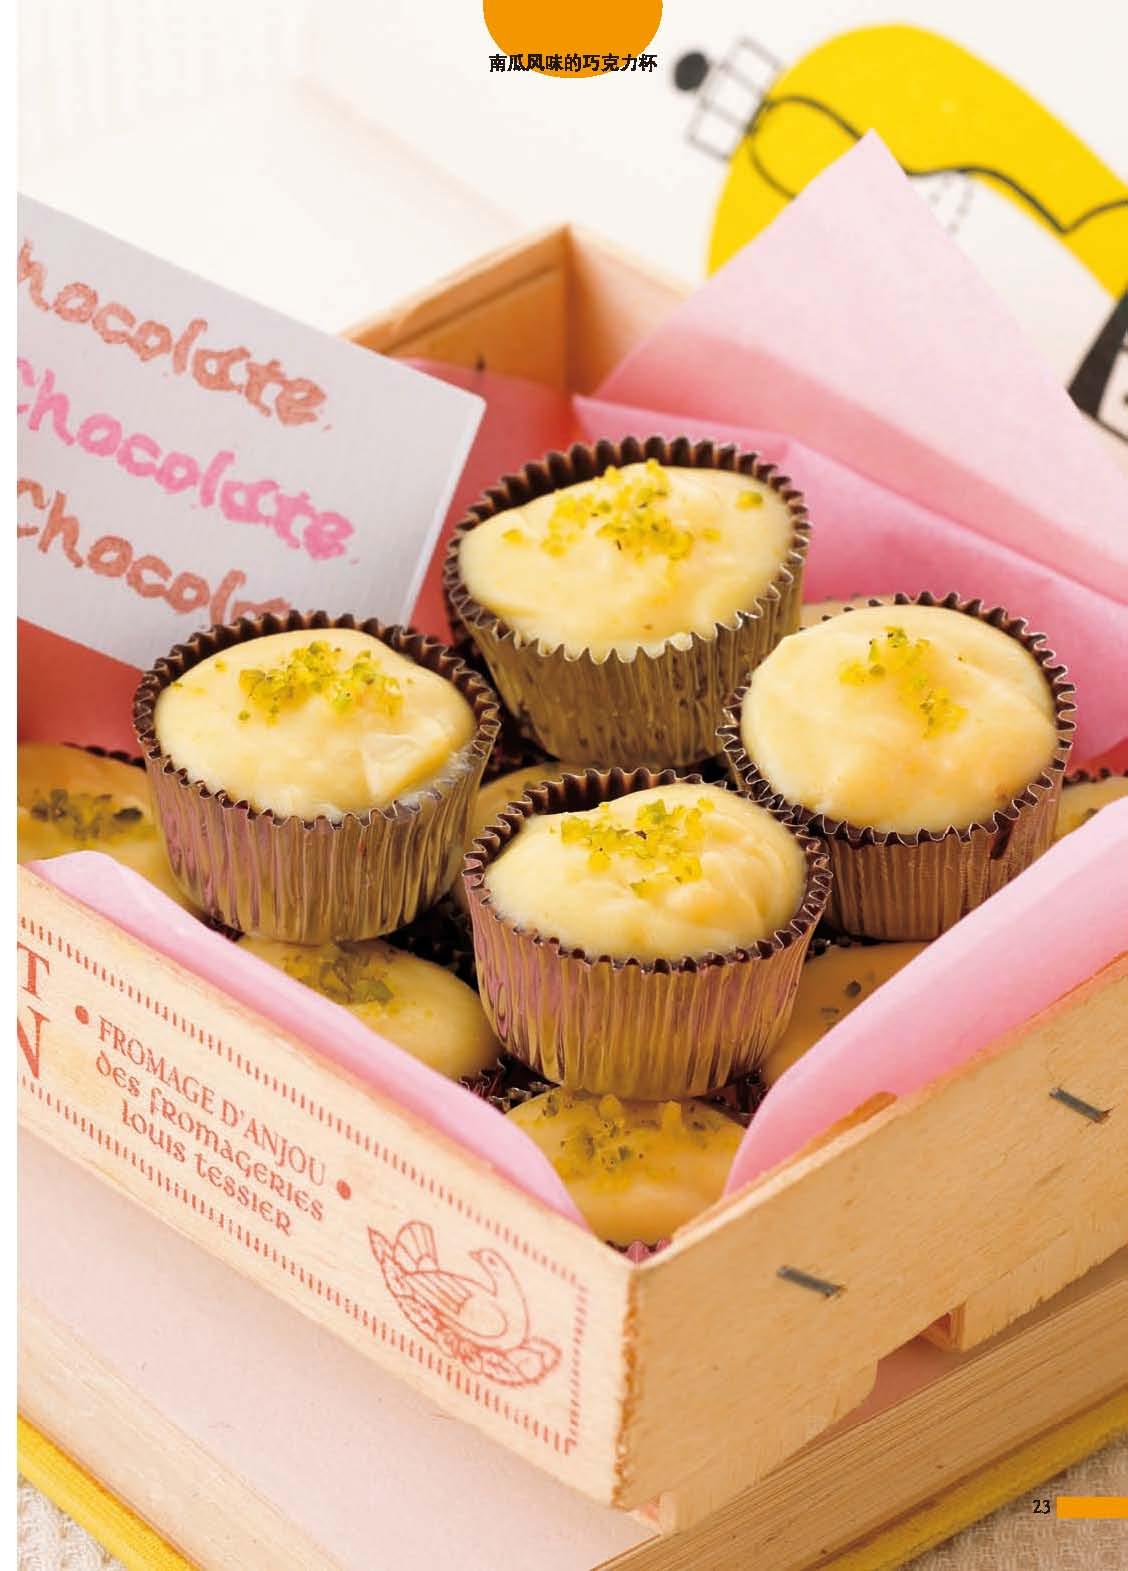 可爱的花式巧克力甜点 烘焙书籍烤箱食谱烘焙新手烘焙书 精致甜点